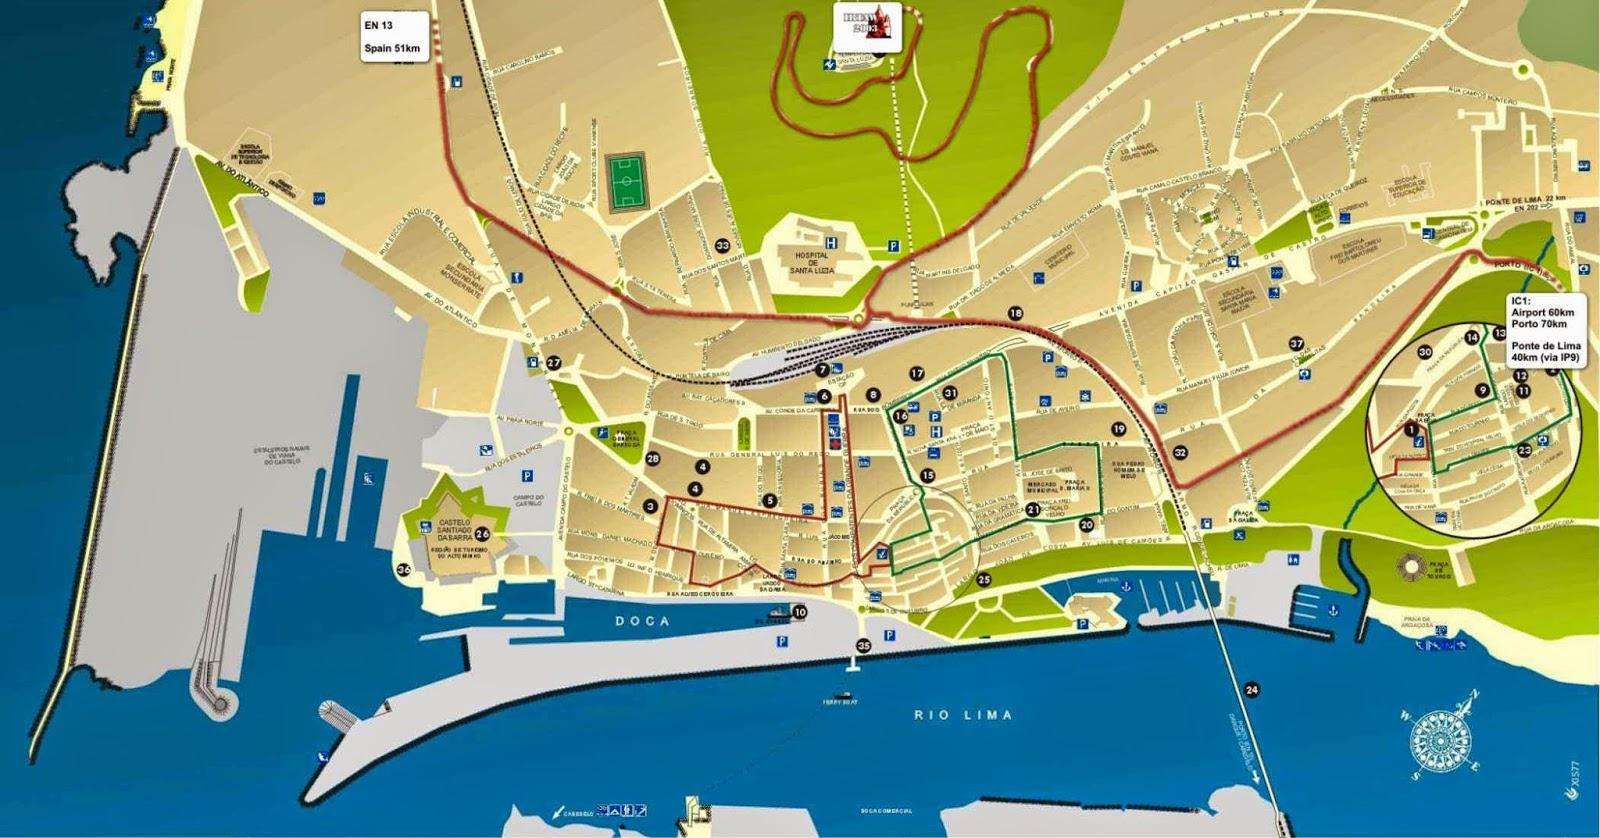 mapa de viana do castelo Mapas de Viana do Castelo   Portugal | MapasBlog mapa de viana do castelo